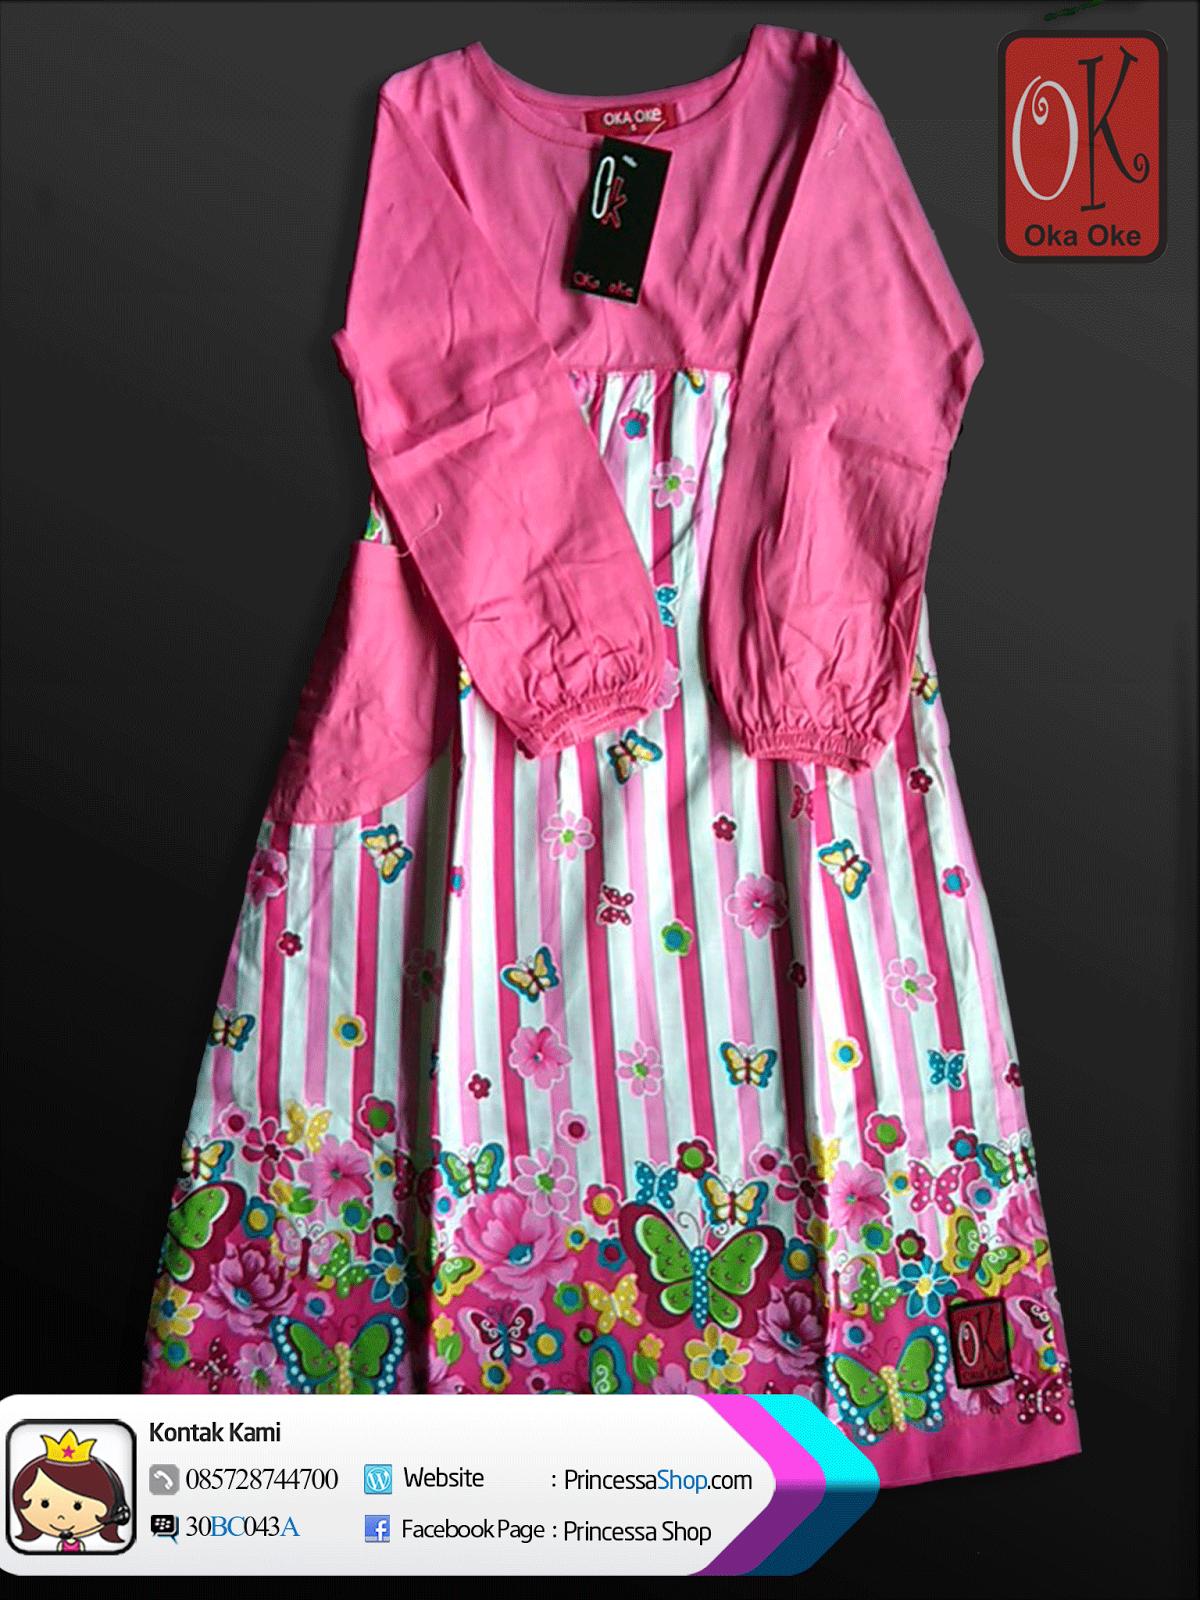 Baju muslim model gamis anak perempuan murah konveksi oka Contoh baju gamis anak